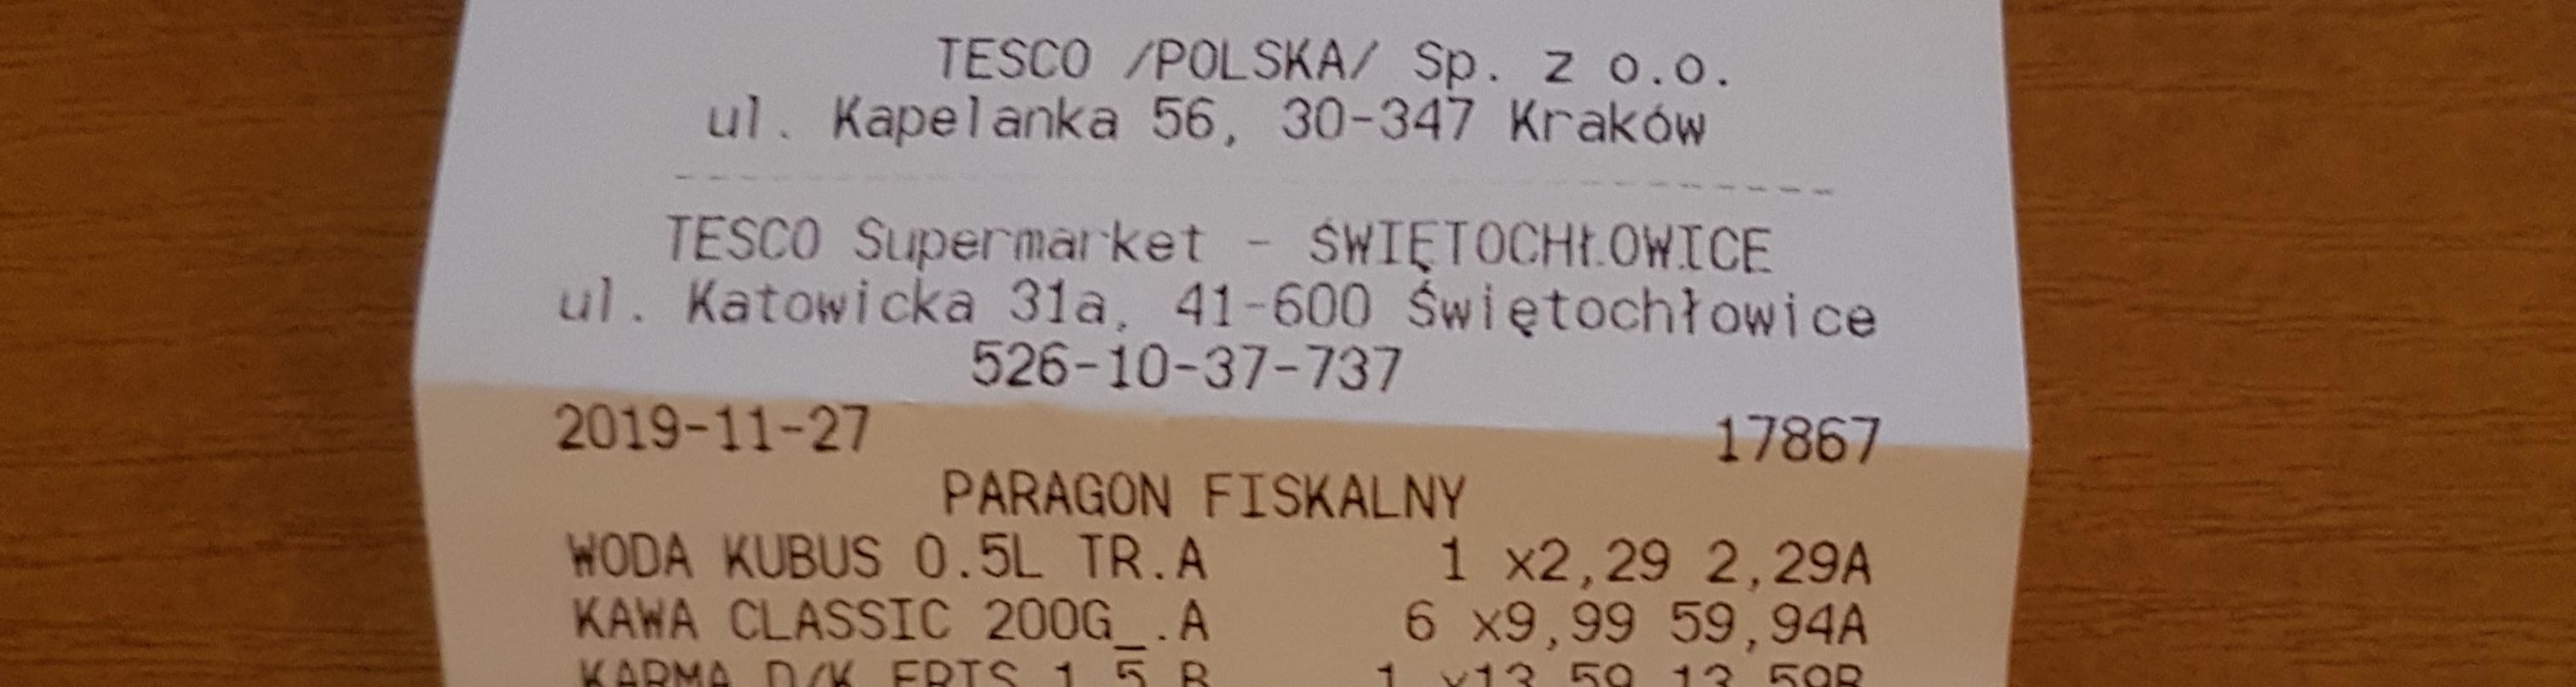 208315.jpg